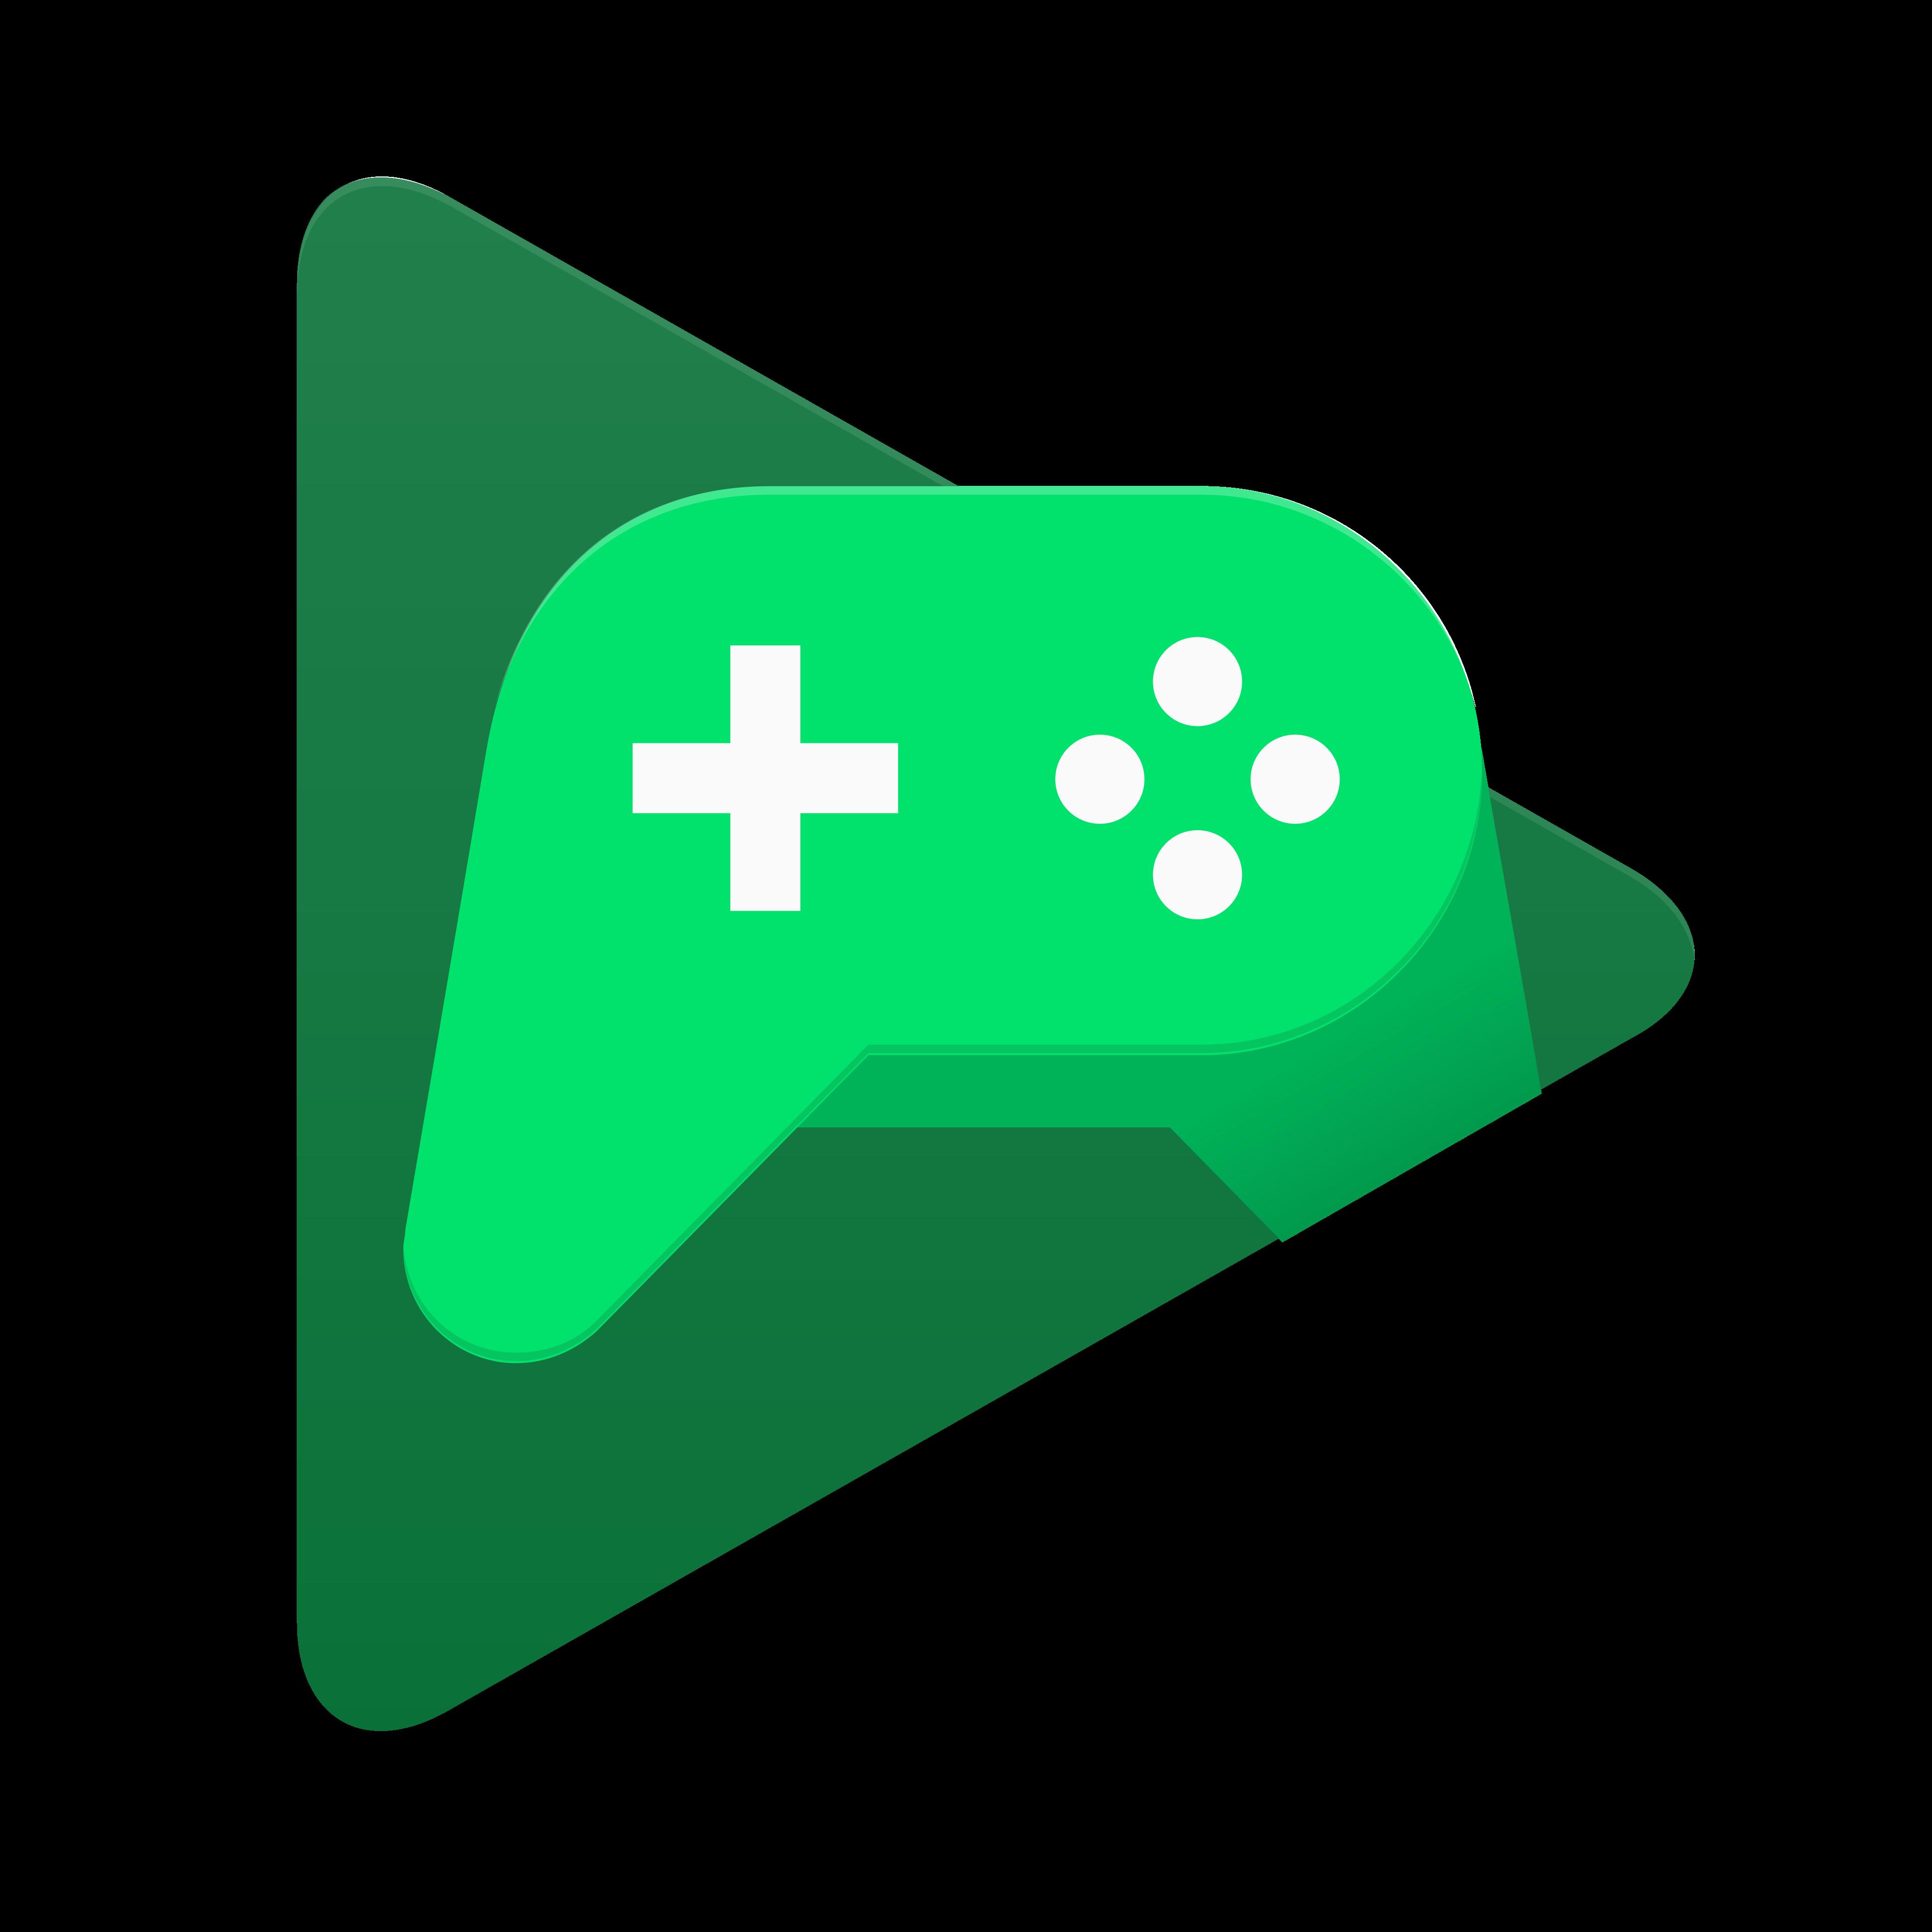 google play games 0 - Google Play Games Logo